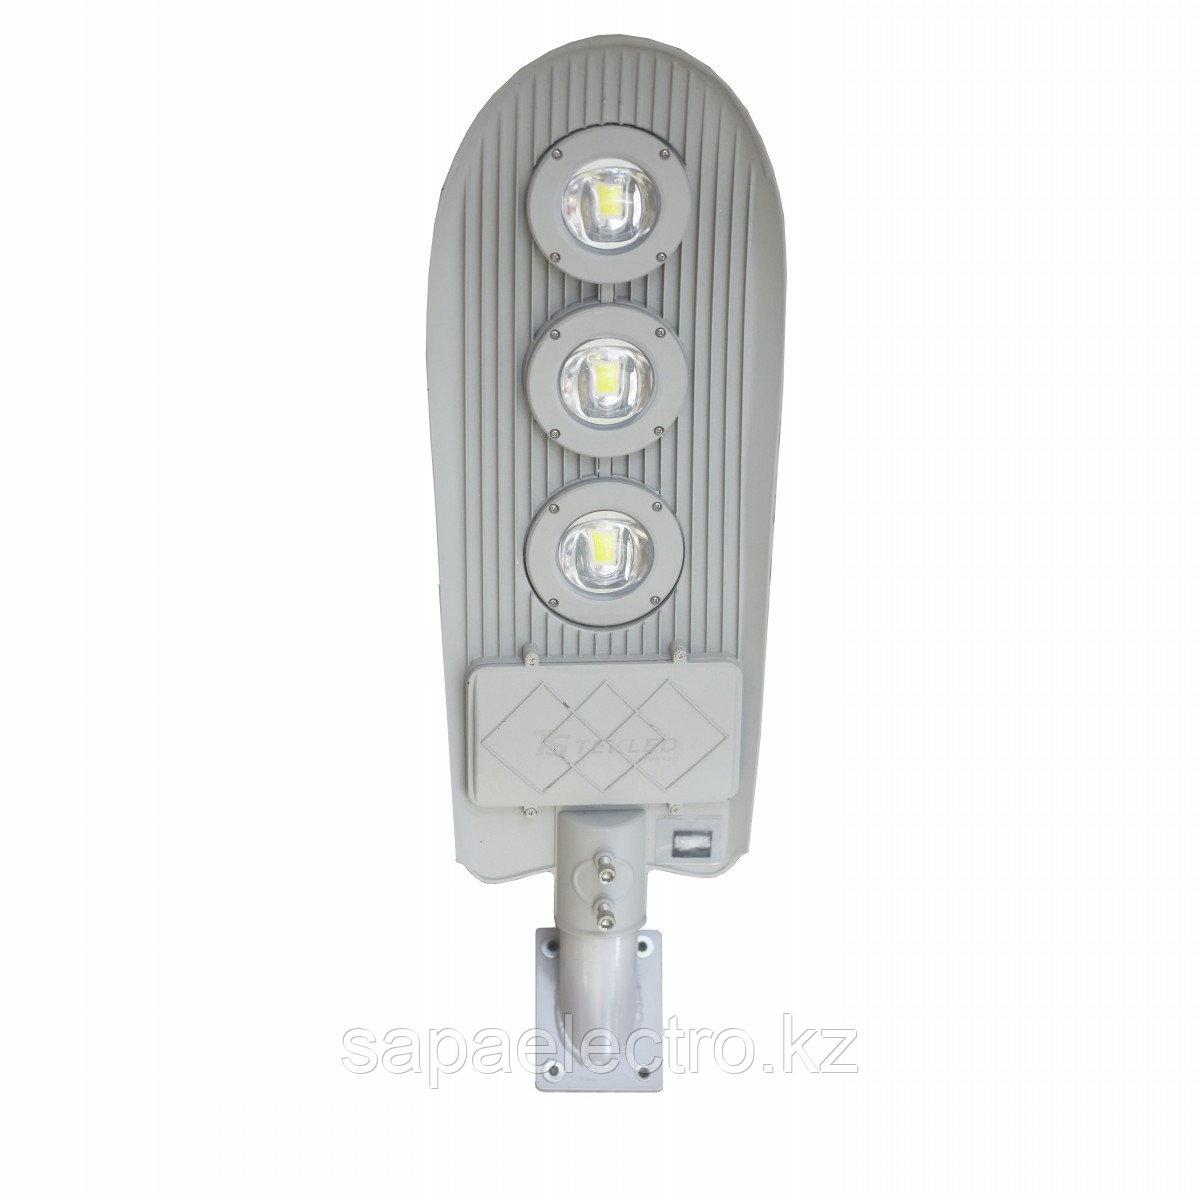 Sv-k  RKU COBRA LED COB LE042B 120W 6000K (TEKL) 2